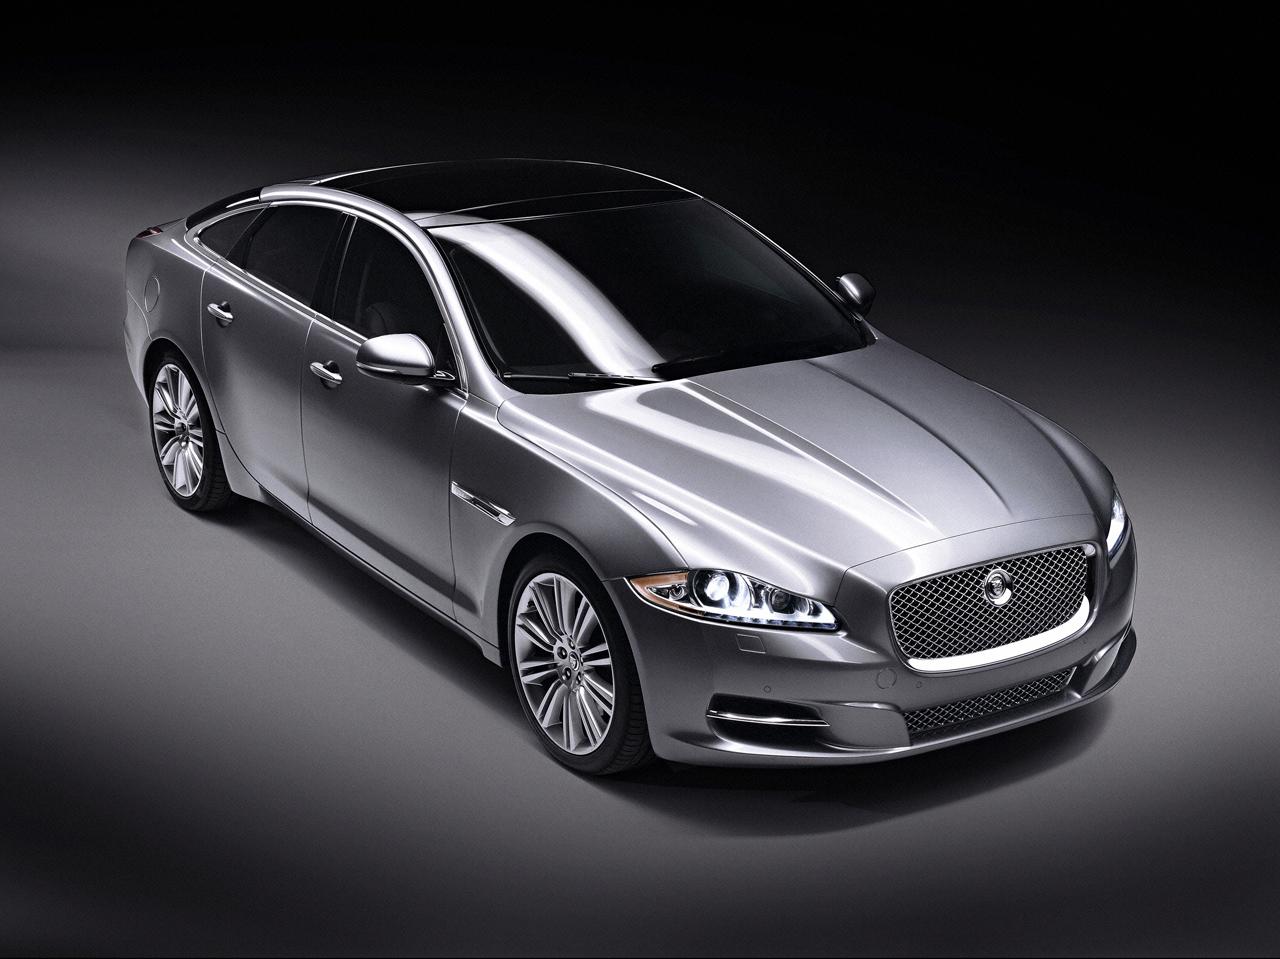 Jaguar_XJ